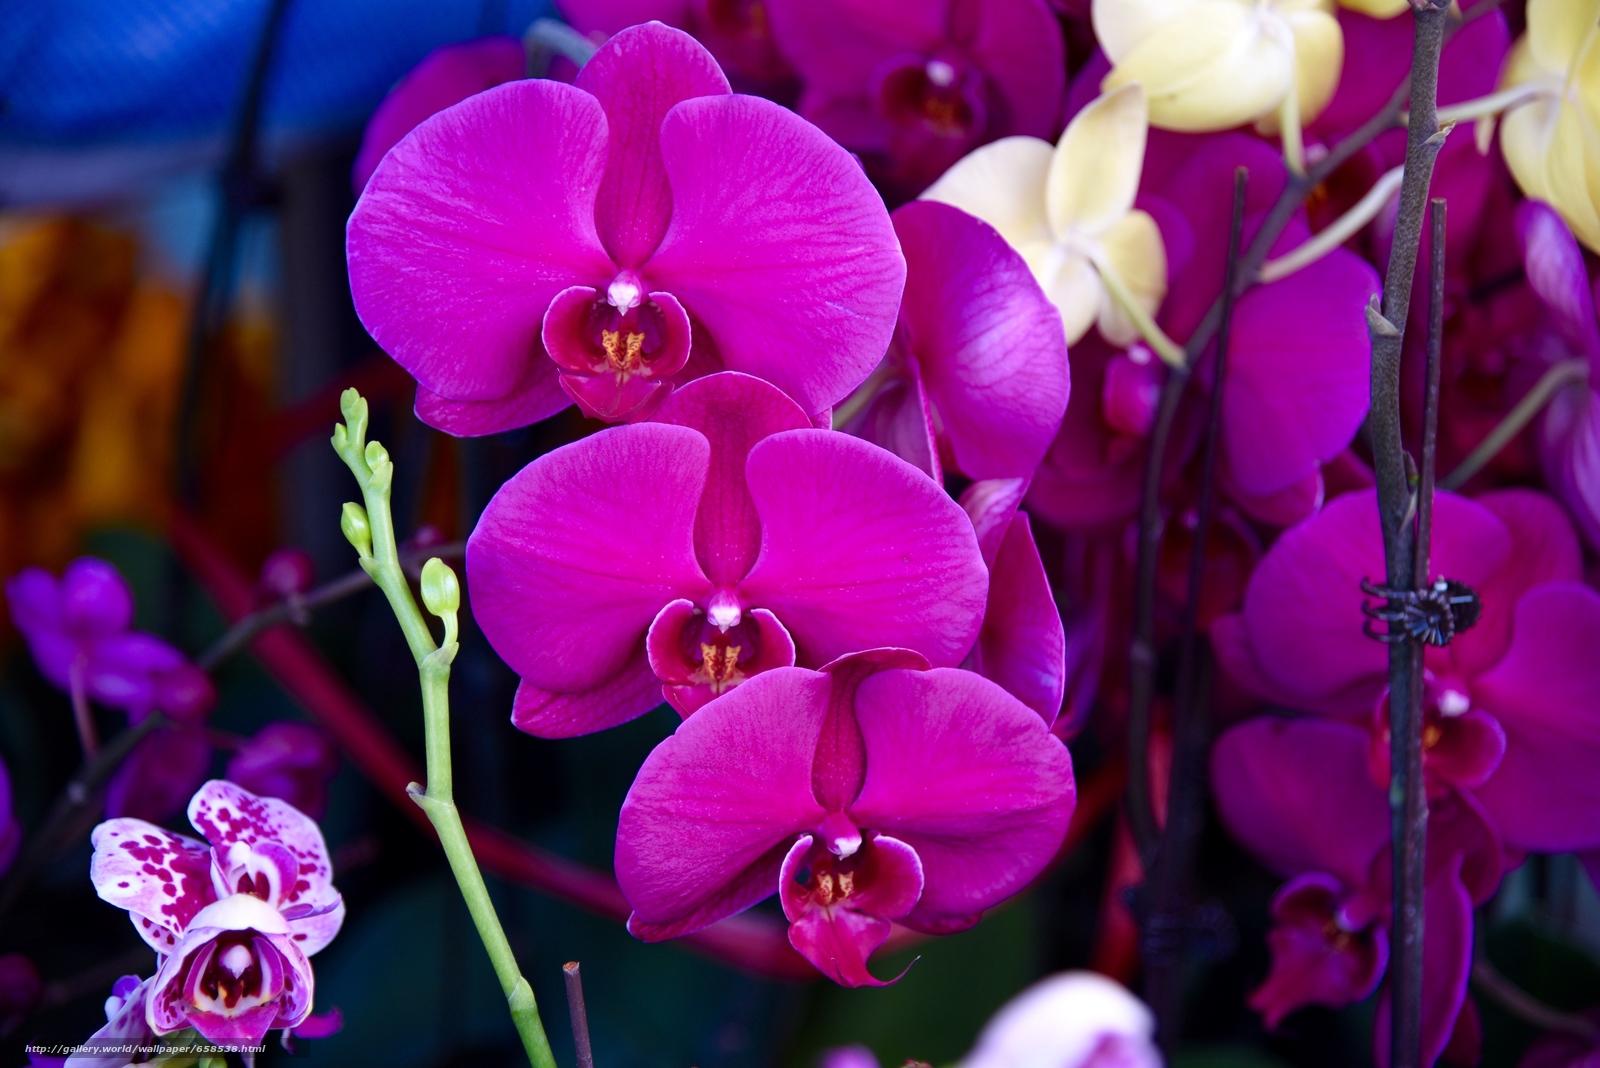 Download Hintergrund Blume,  Blumen,  flora,  Orchidee Freie desktop Tapeten in der Auflosung 6016x4016 — bild №658538